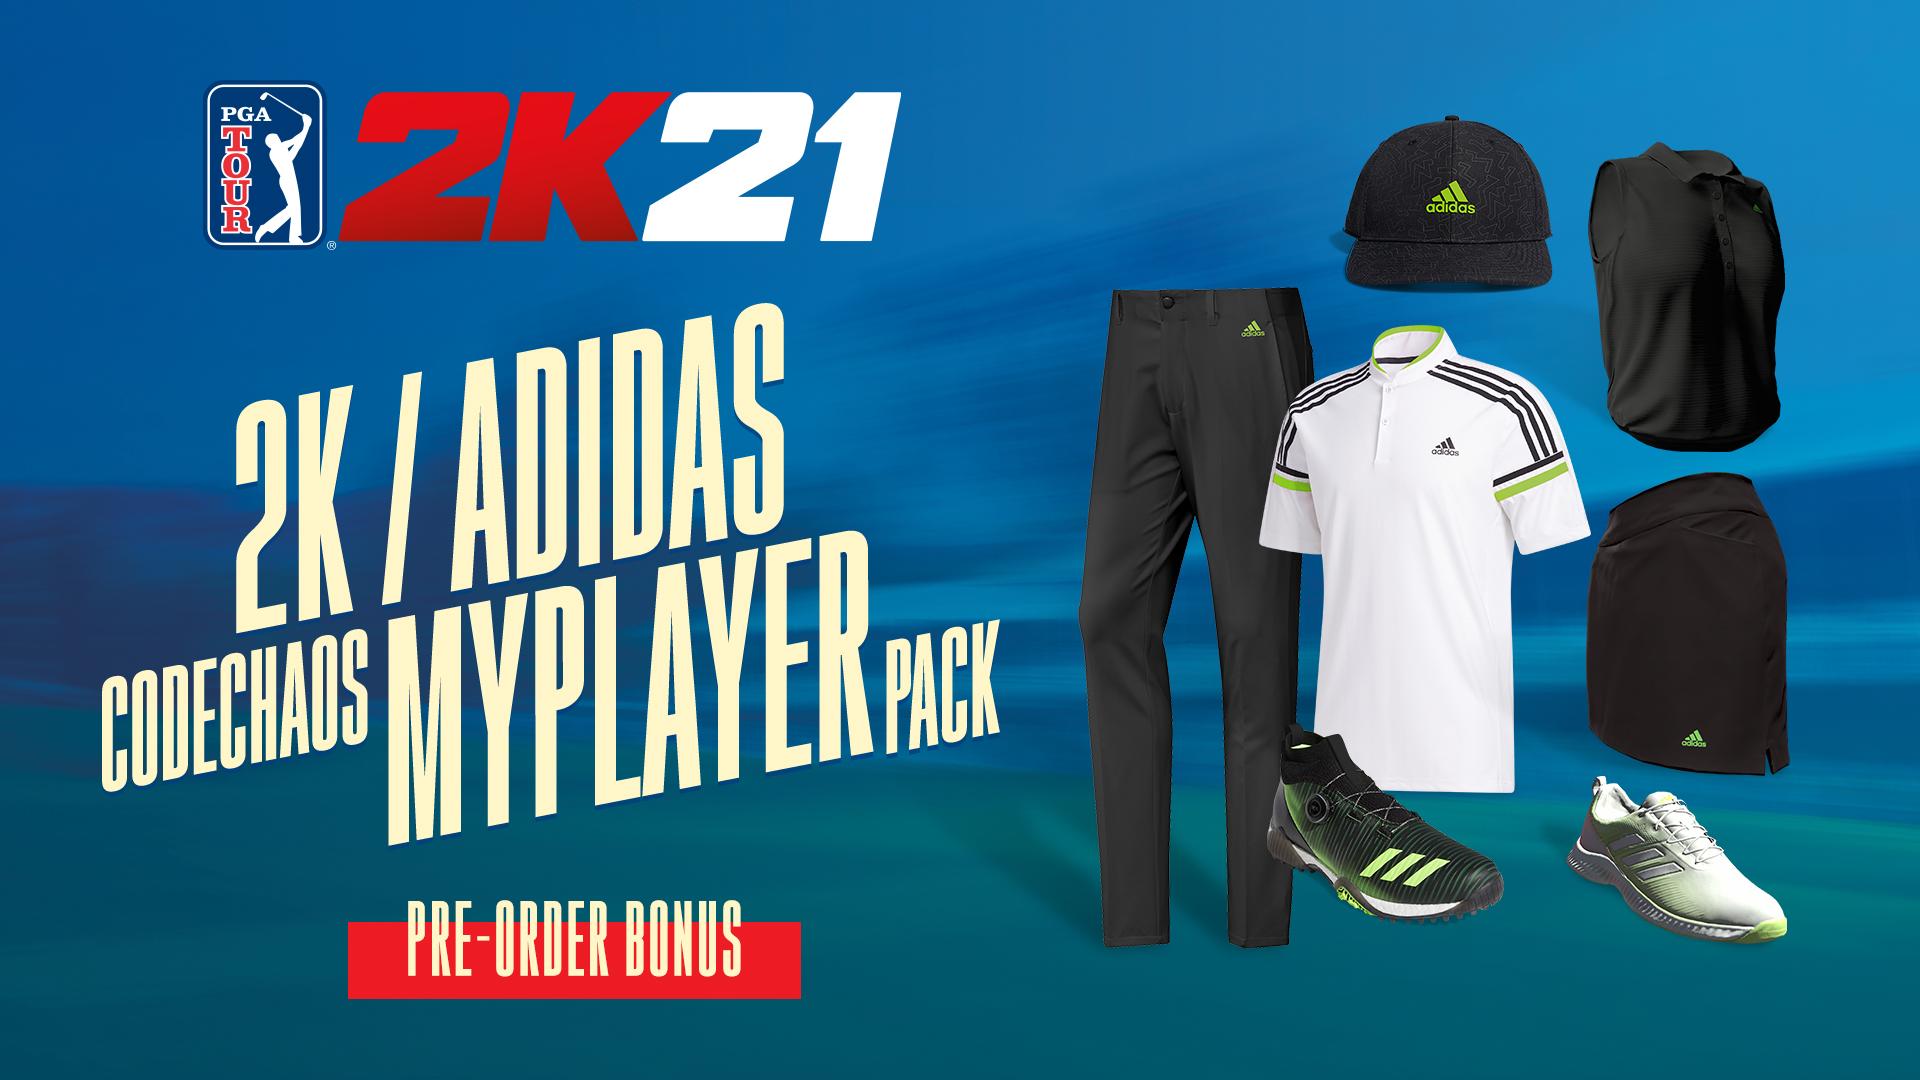 2KSMKT_PGA2K21_Adidas_Perorder_Bonus_1920x1080.jpg